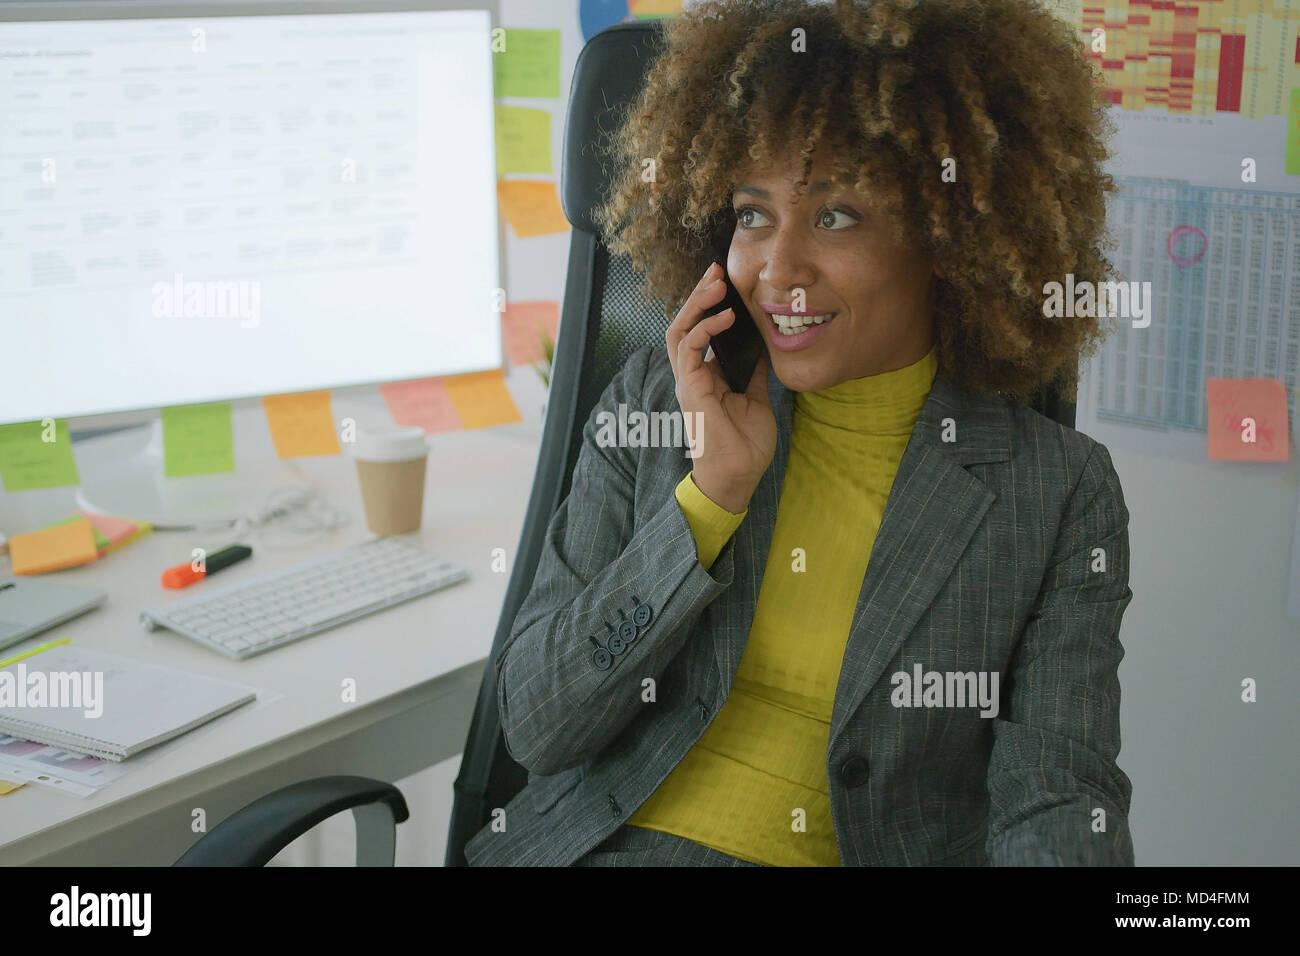 Élégante gaie worker talking on phone Photo Stock